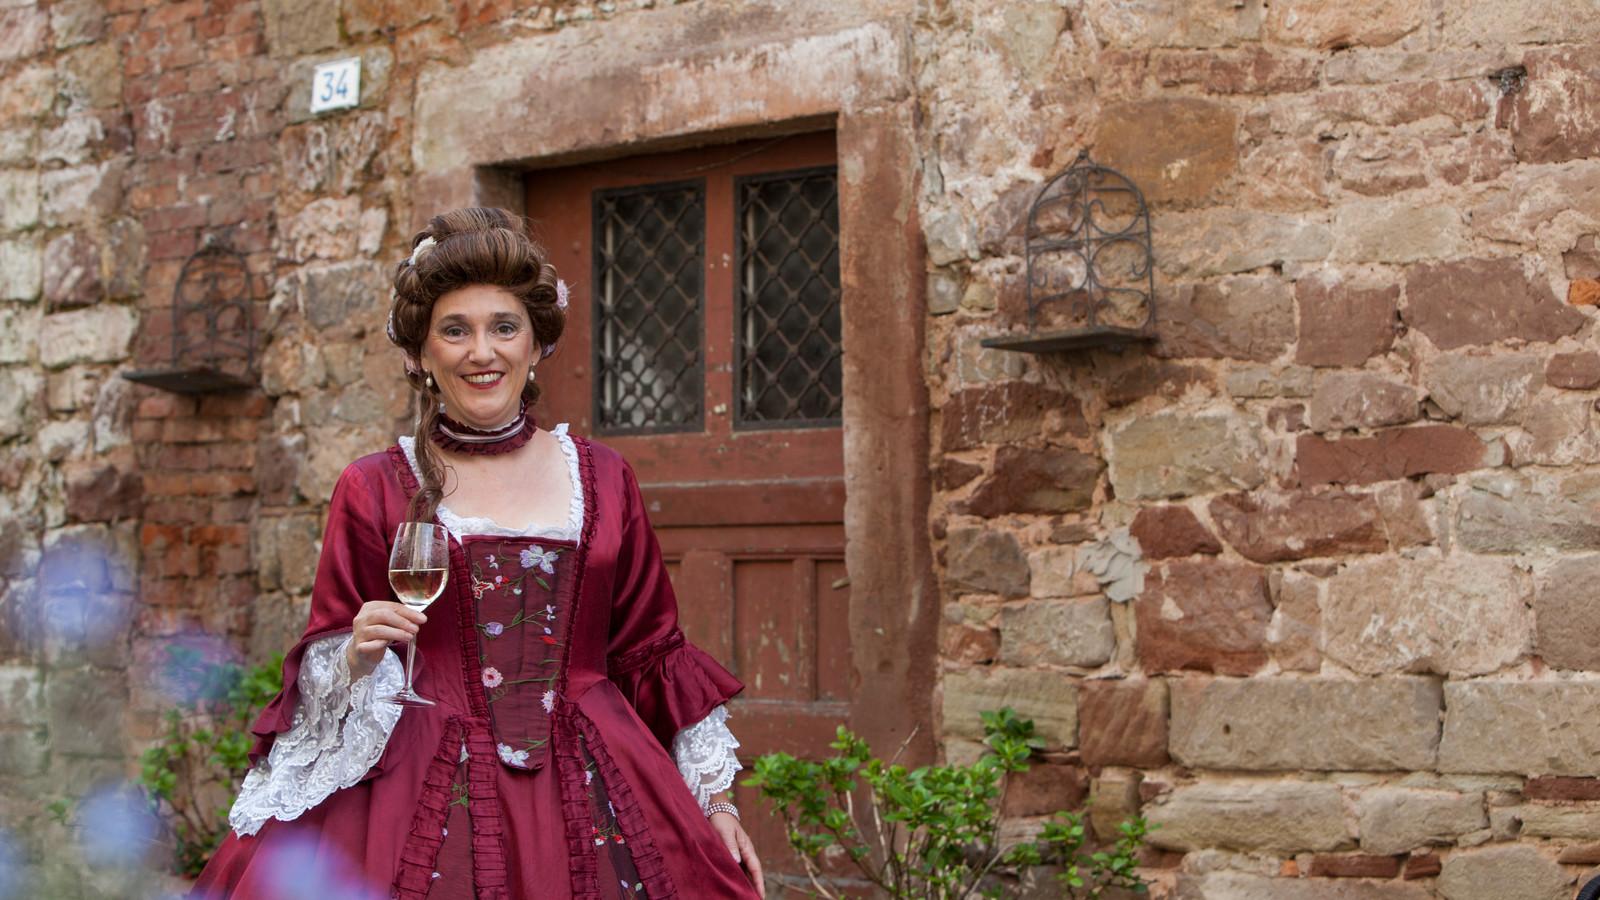 Gräfin Marianne Von der Leyen in der Barockstadt Blieskastel